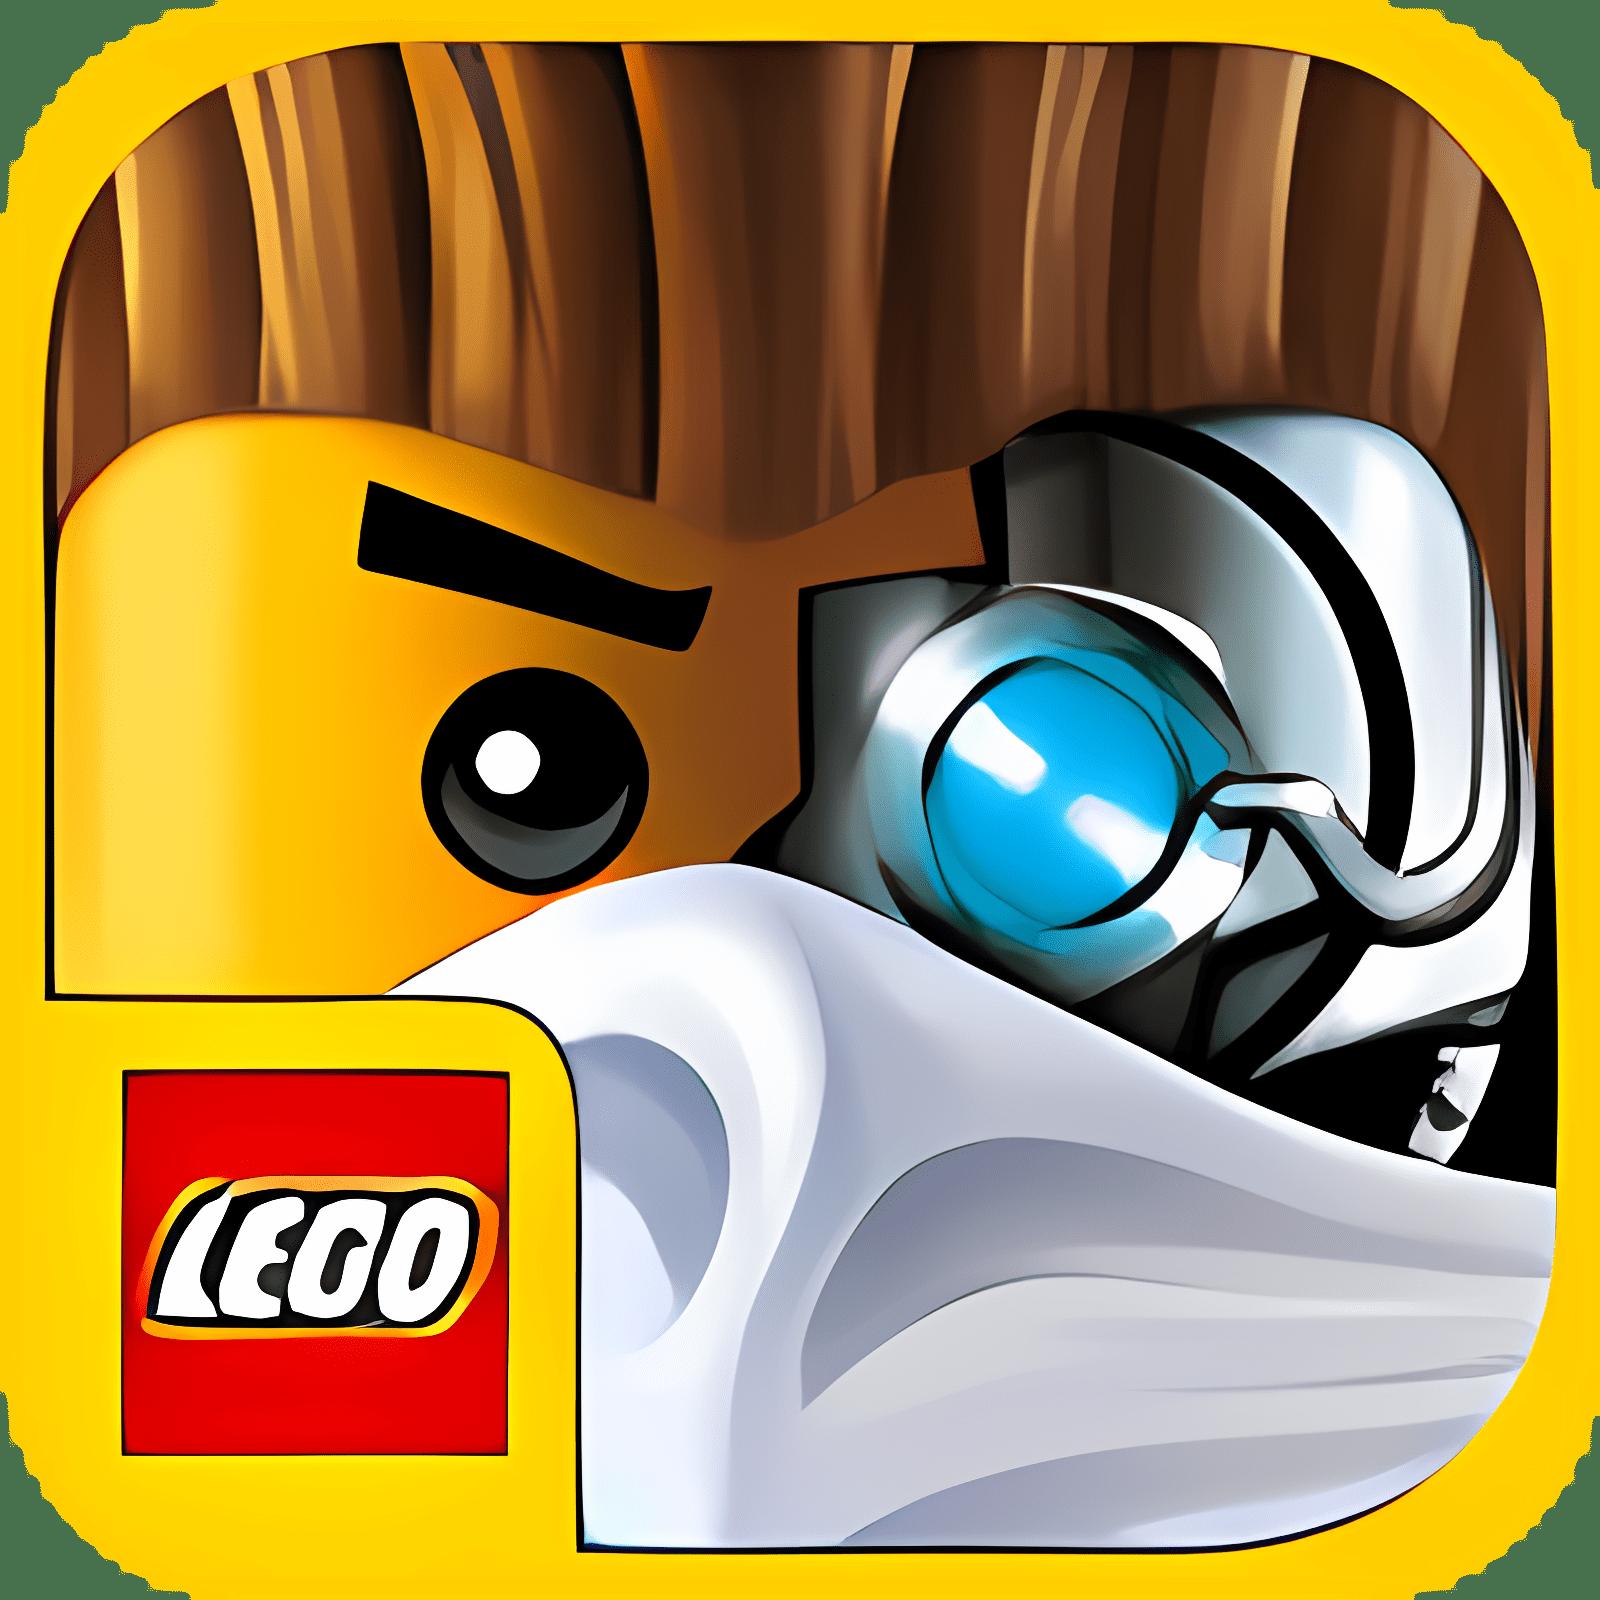 LEGO Ninjago REBOOTED 1.0.0